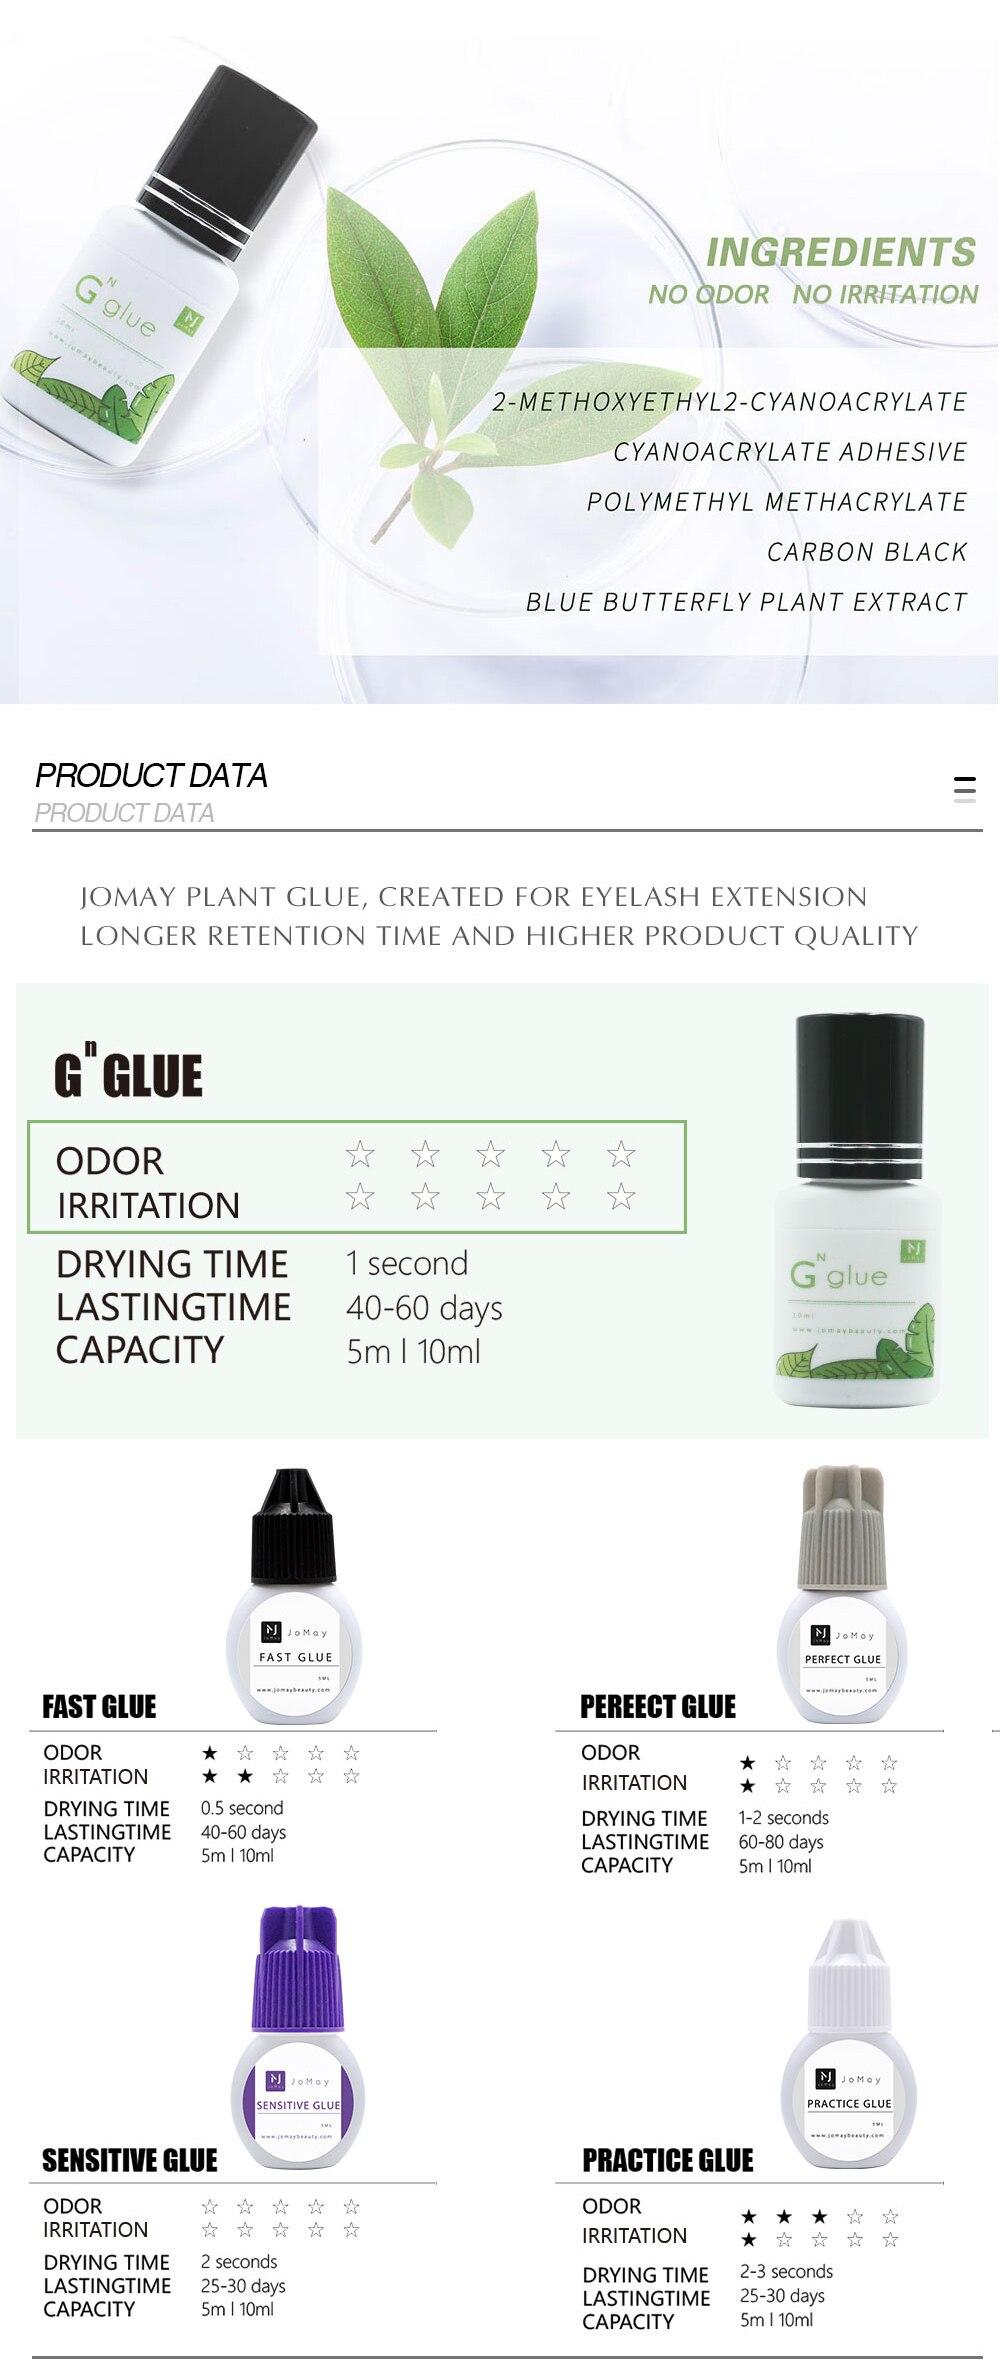 5ml cílios cola nenhum cheiro nenhuma planta